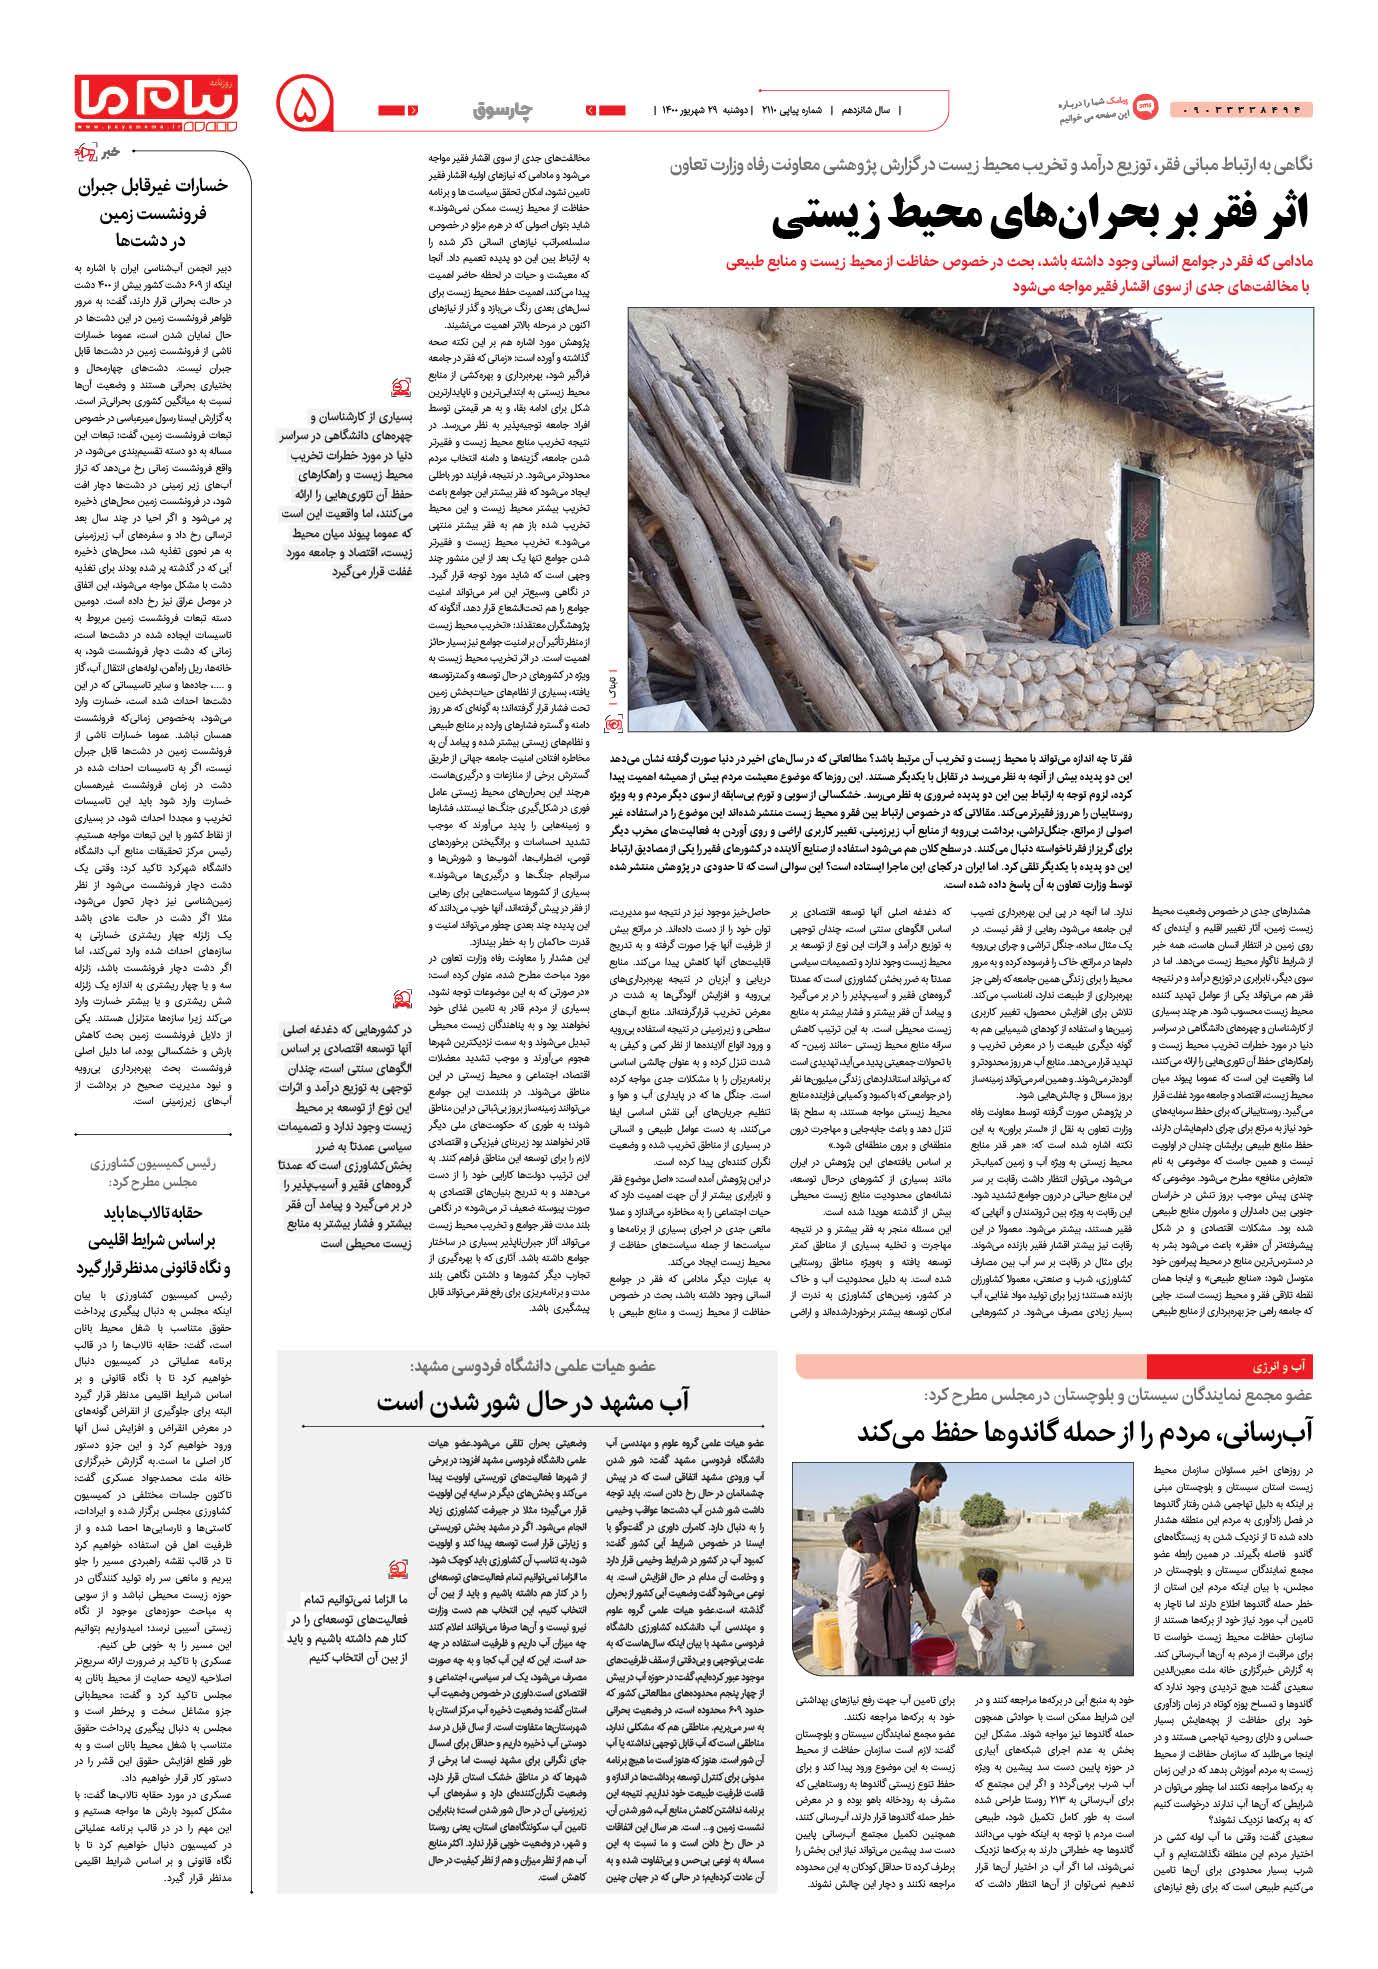 صفحه چارسوق شماره 2110 روزنامه پیام ما